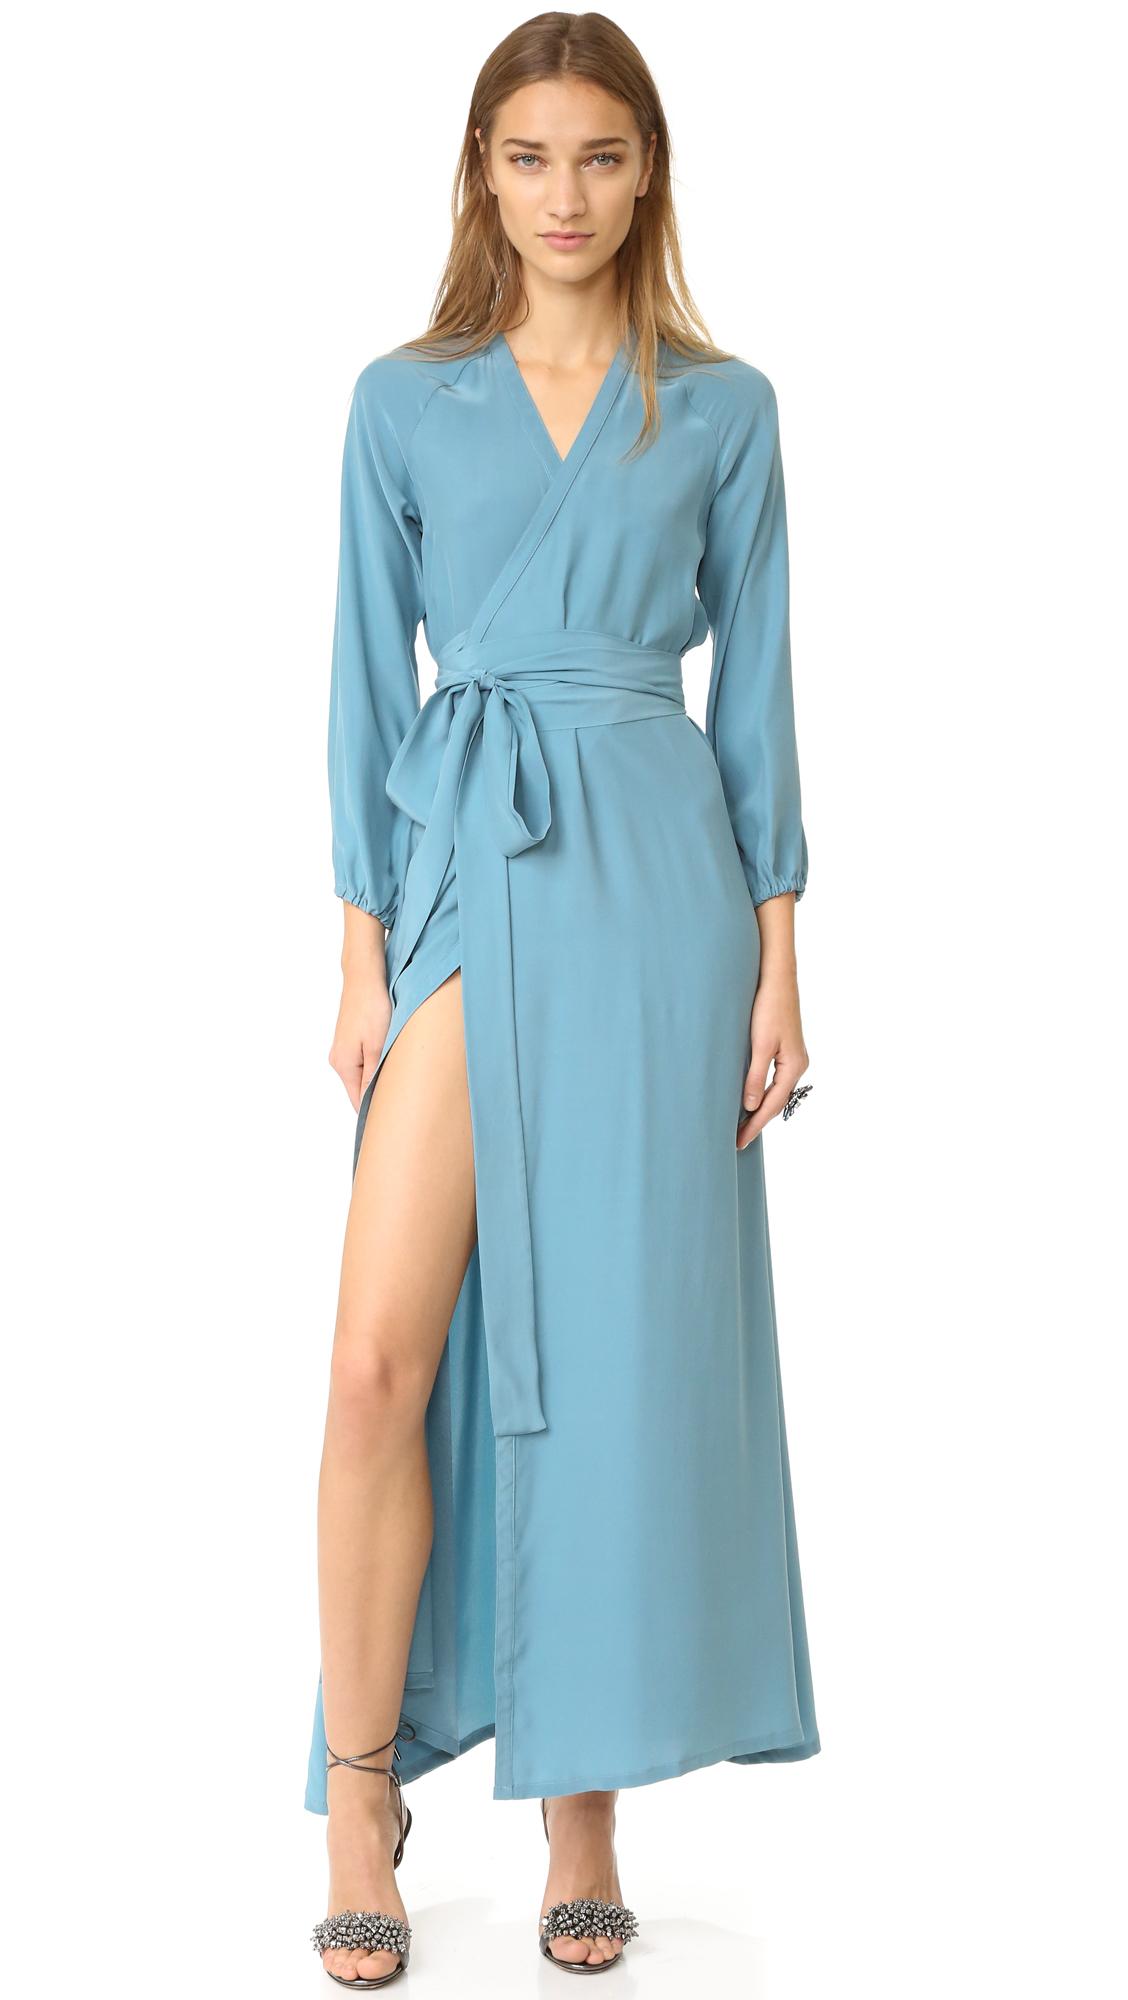 Rhode Resort Jagger Wrap Dress - Mist